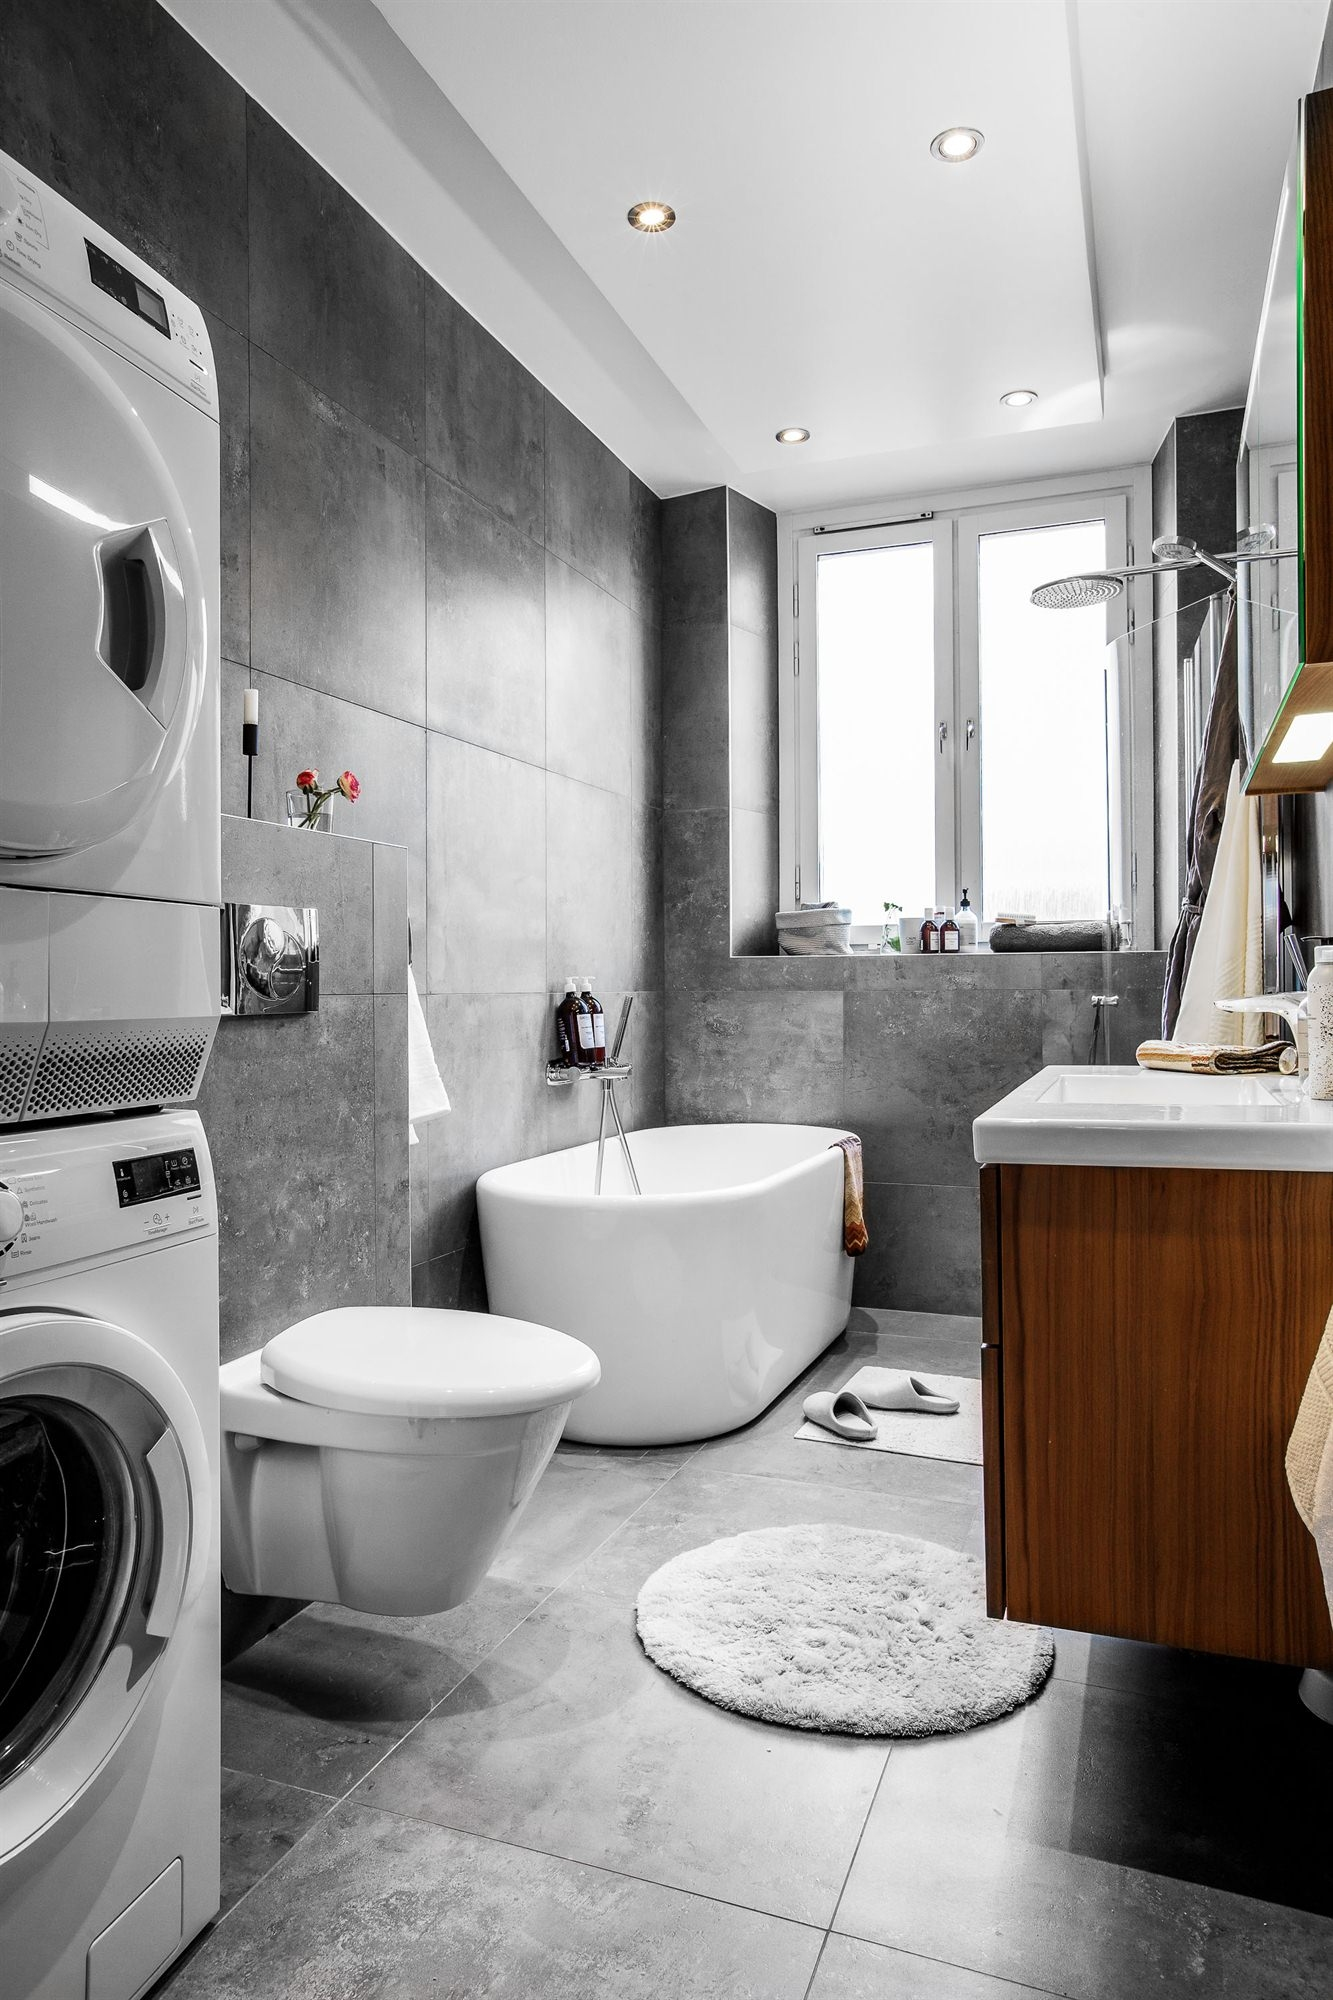 ванная комната ванна раковина комод подвесной унитаз стиральная сушильная машина окно серый керамогранит